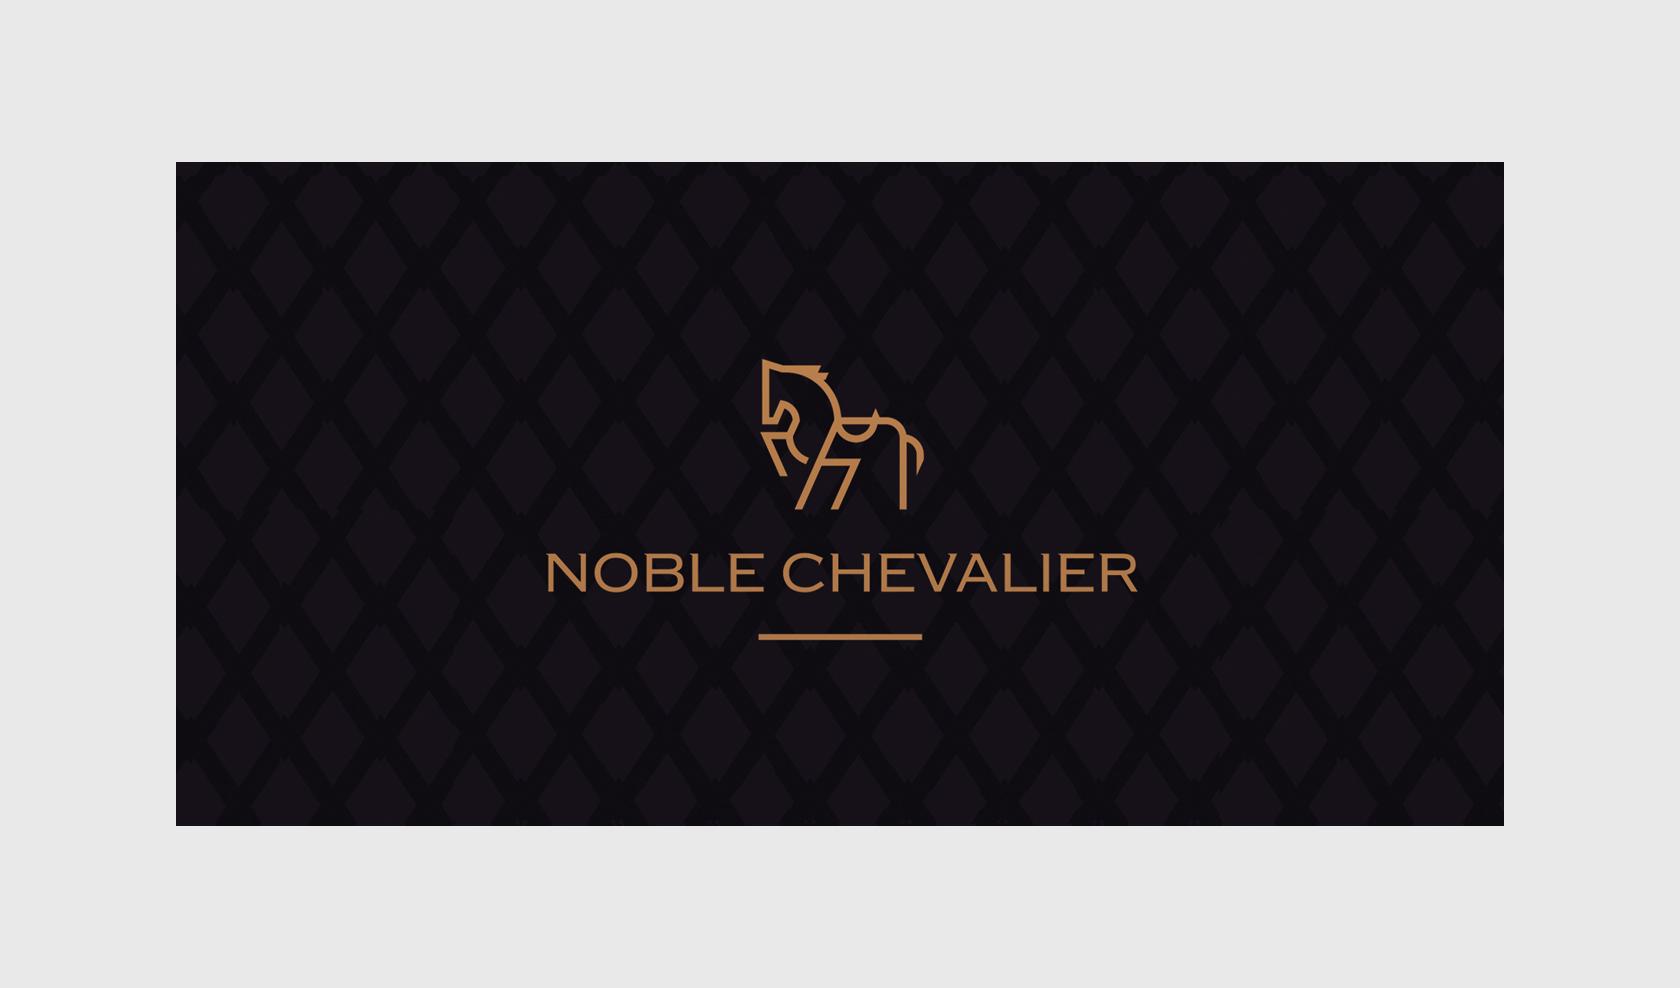 Noble Chevalier